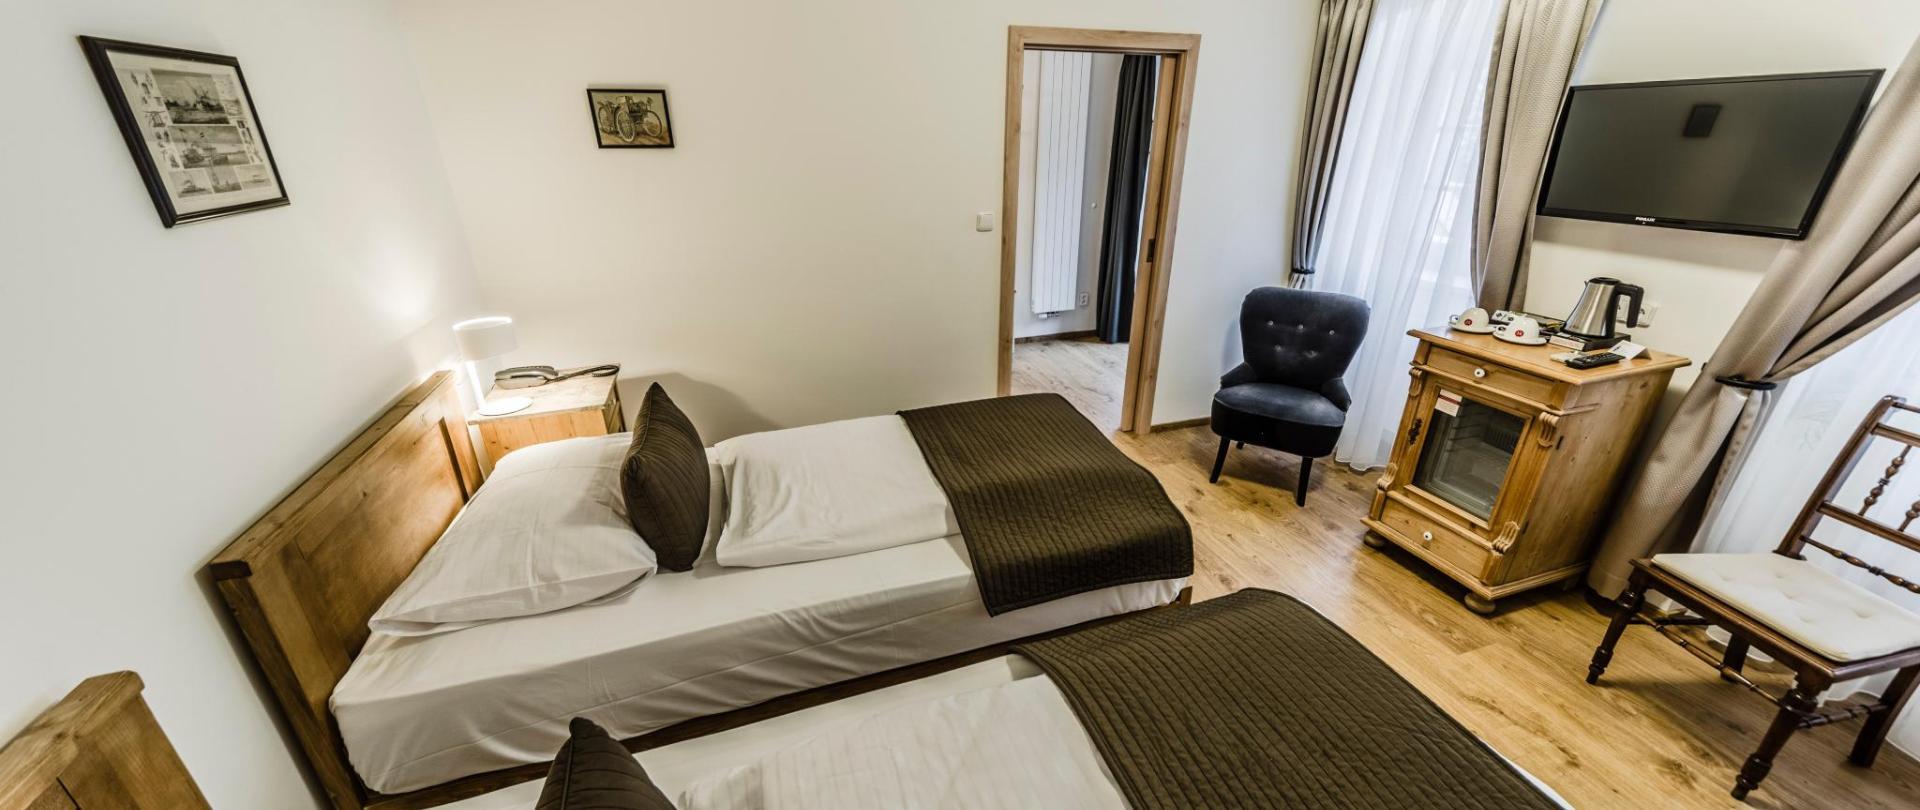 Dvoulůžkový pokoj_oddělené postele_2.jpg